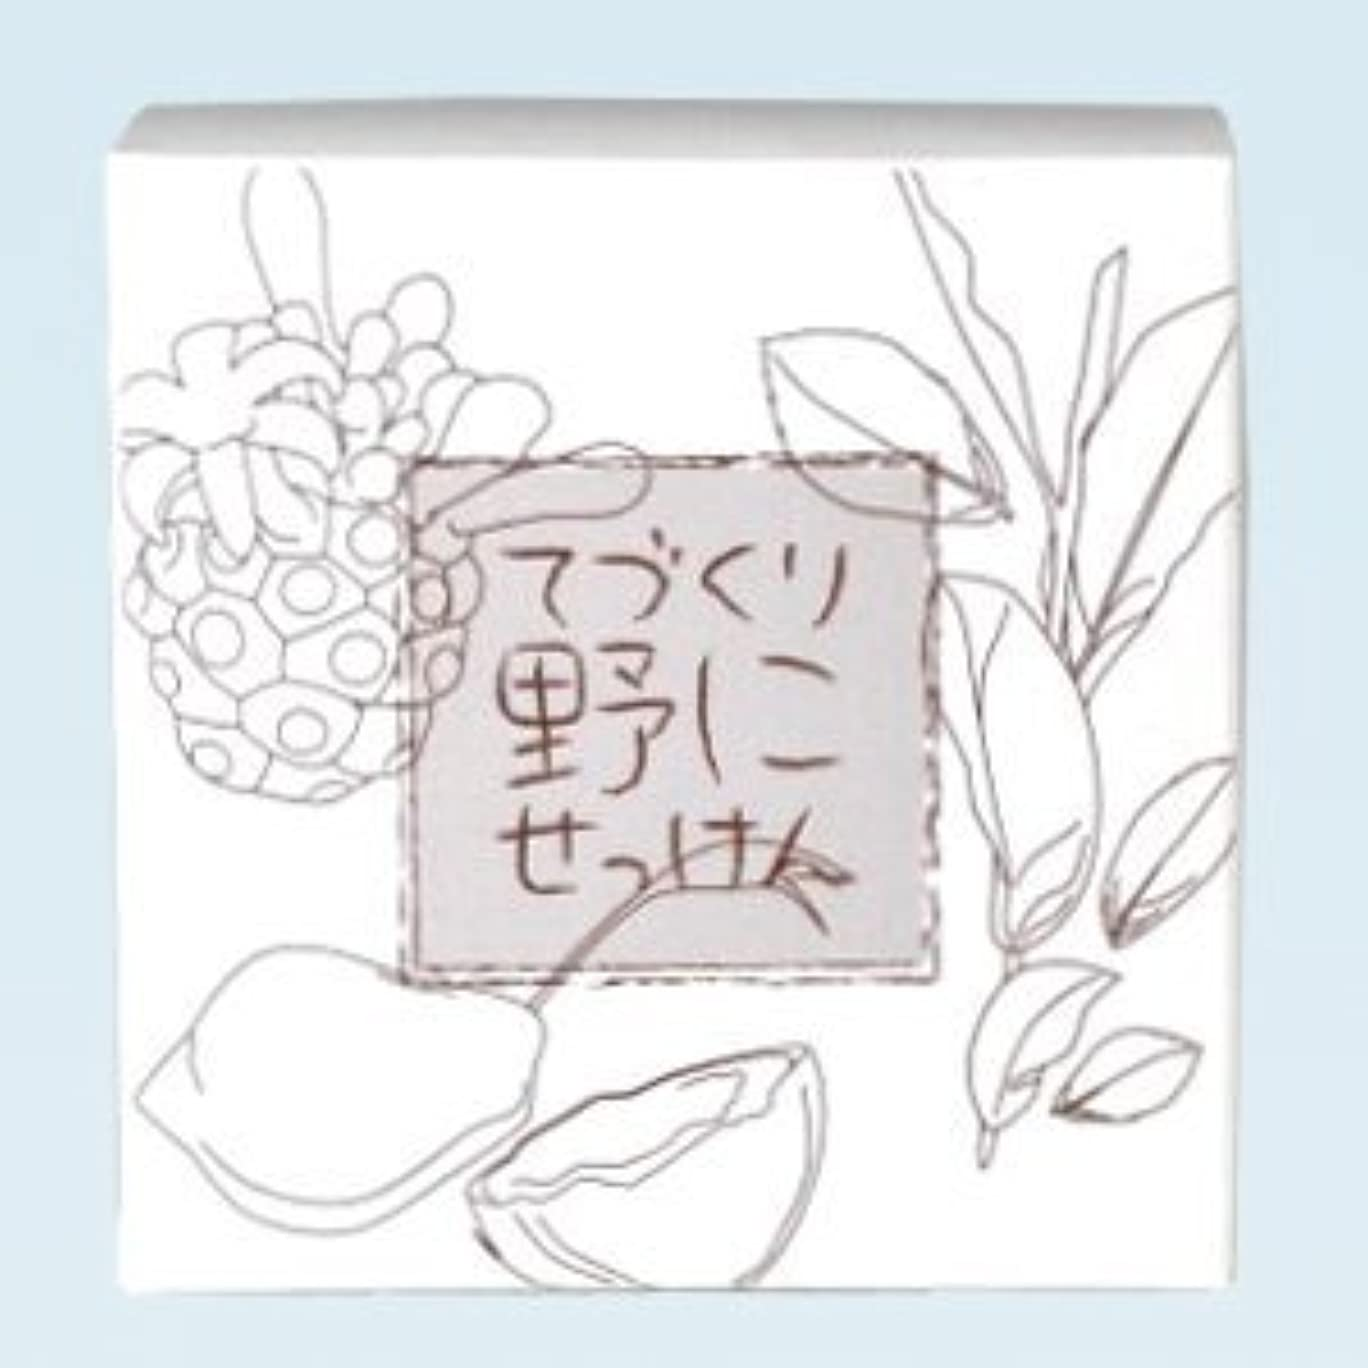 論争混乱させるピケ緑茶 ノニ石鹸 てづくり野にせっけん(115g)